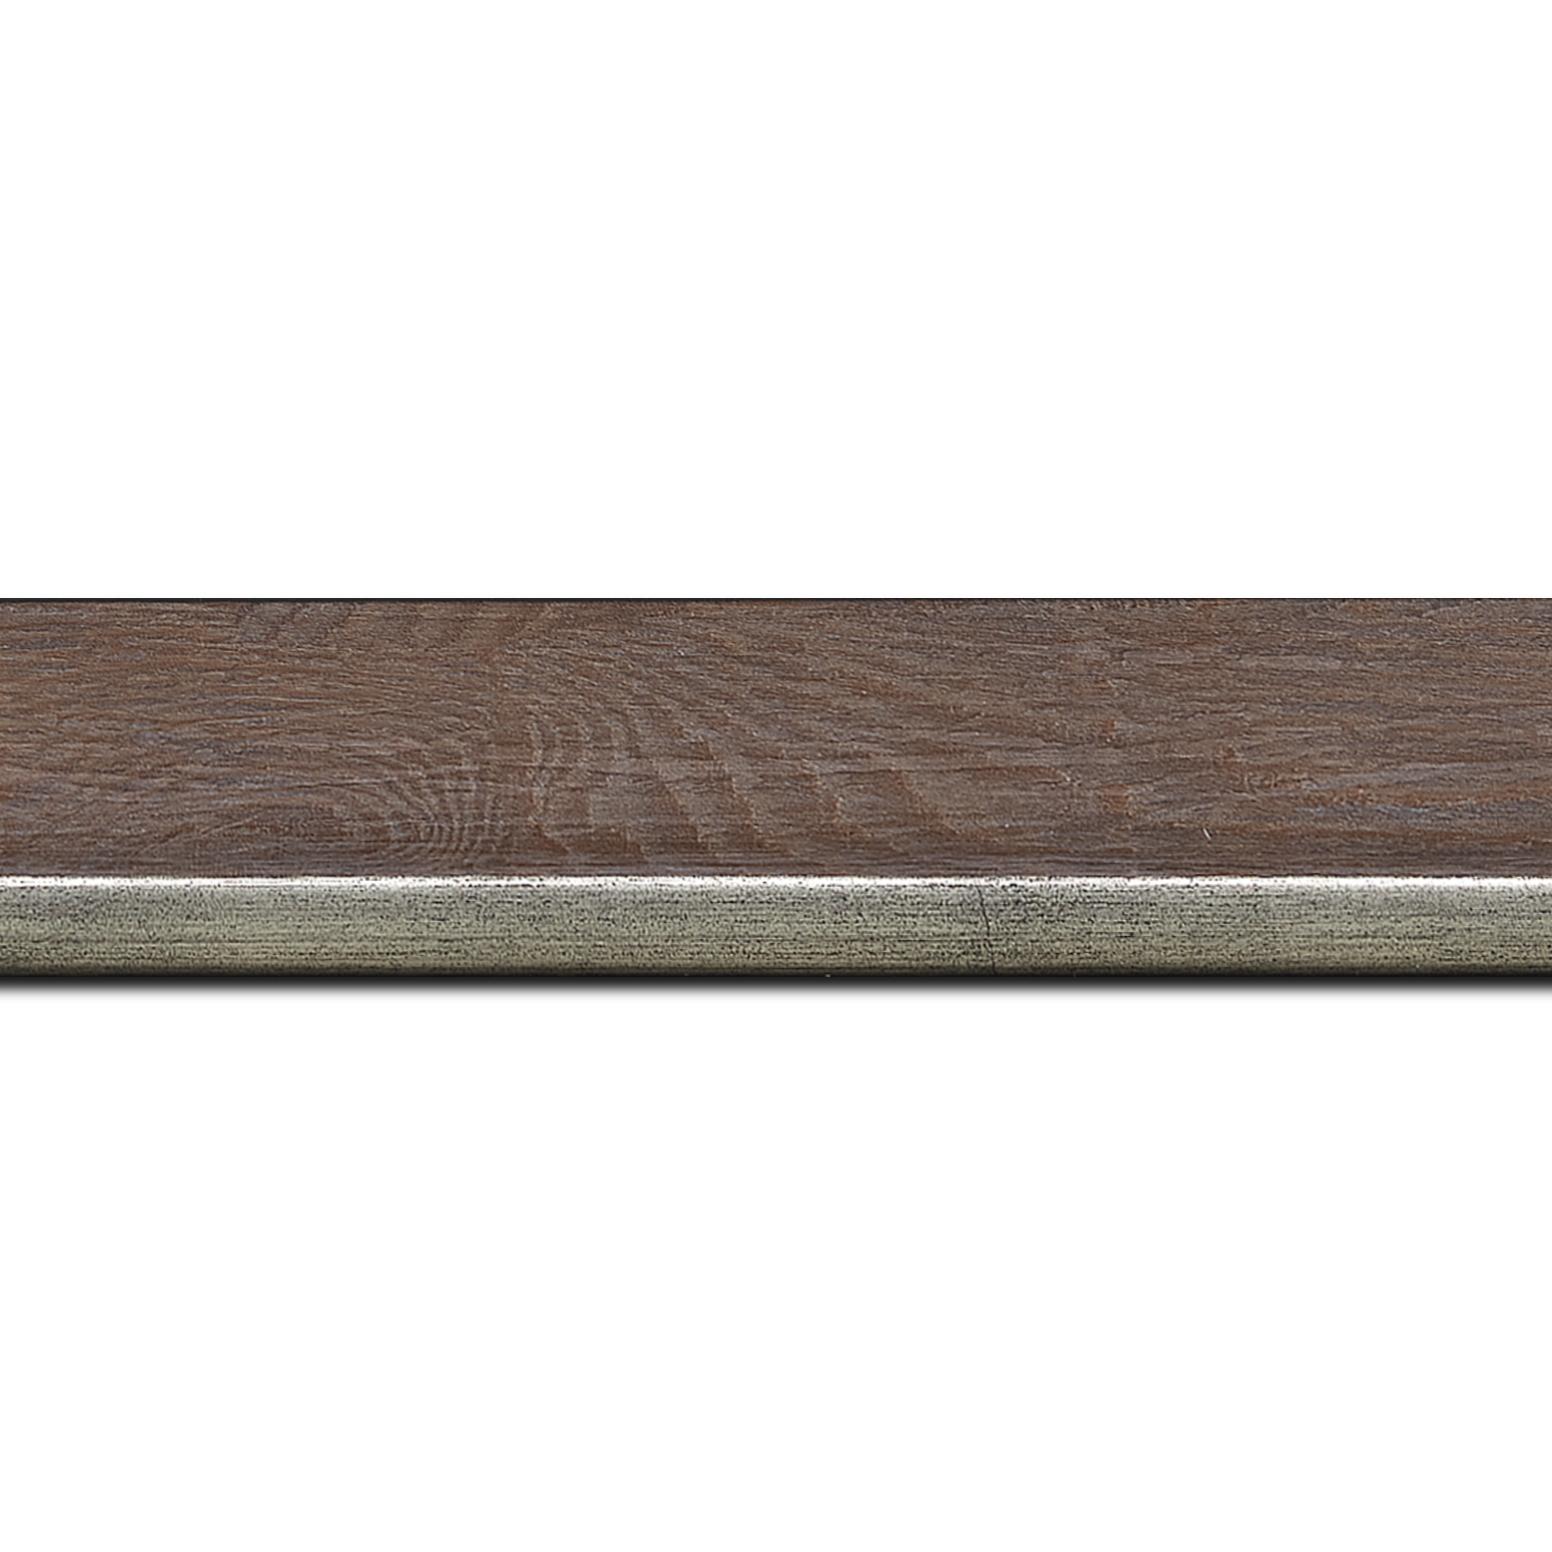 Pack par 12m, bois profil plat en pente largeur 3.5cm de couleur ton bois veiné teinté marron clair filet argent chaud     (longueur baguette pouvant varier entre 2.40m et 3m selon arrivage des bois)